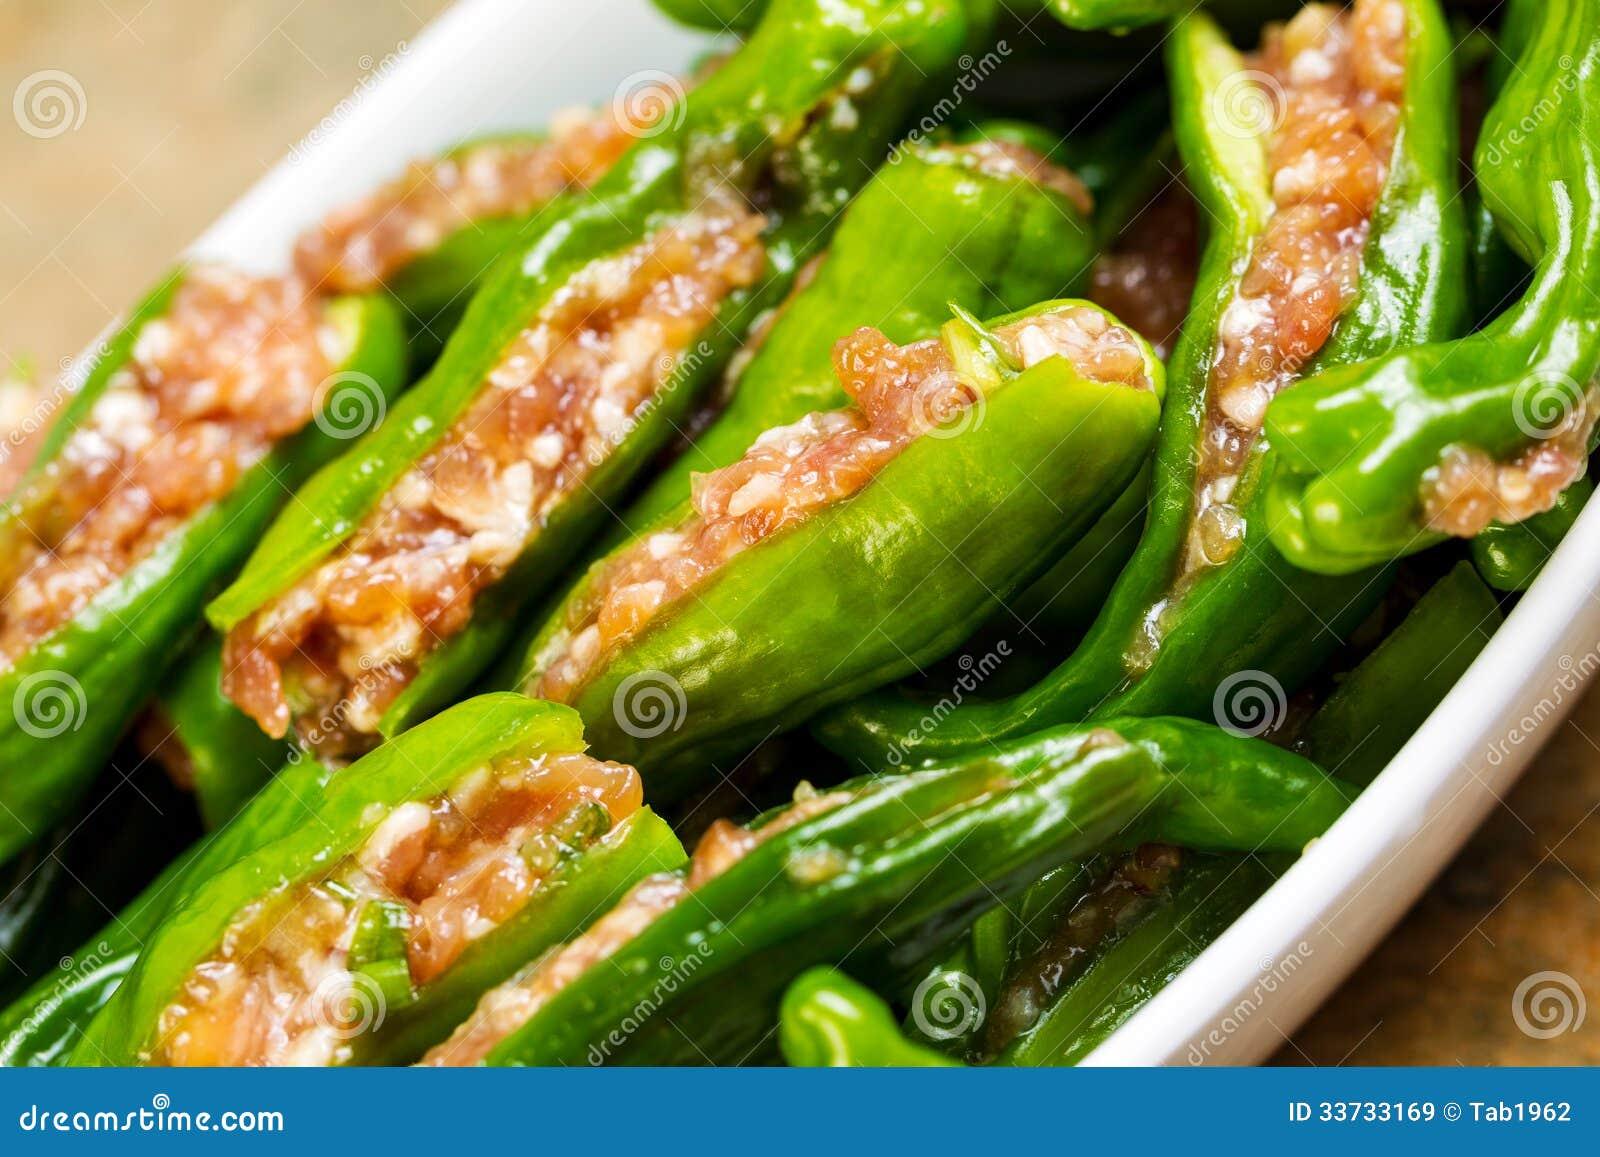 Шар сырых свежих заполненных зеленых перцев готовых для варить